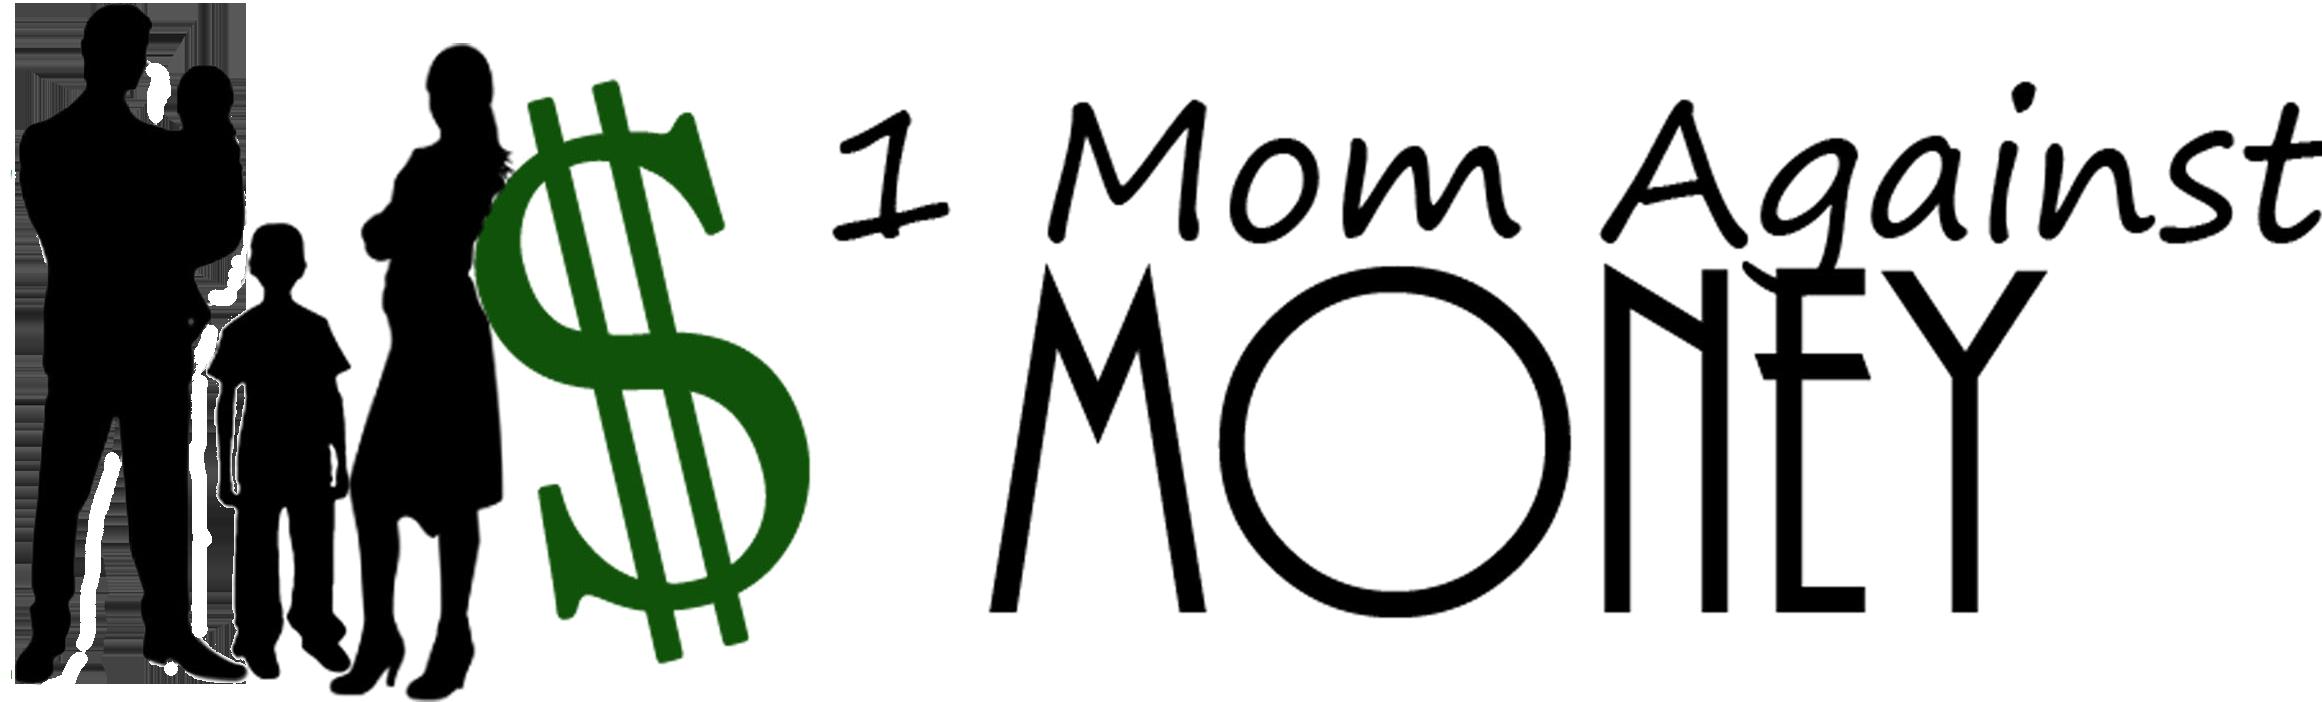 http://www.1momagainstmoney.com/